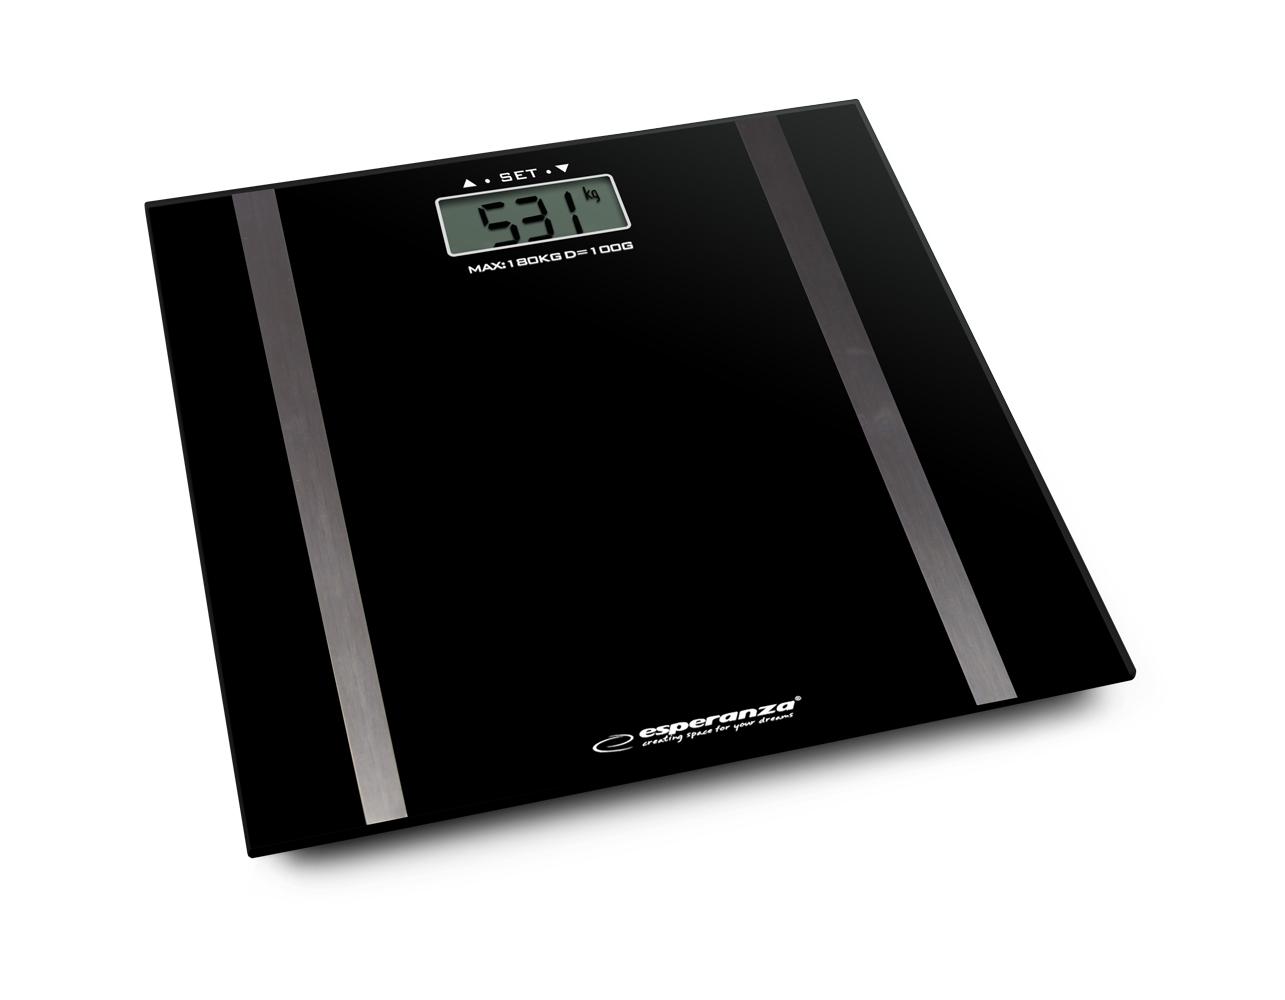 Ηλεκτρονική Ζυγαριά Μπάνιου Λιπομετρητής Χρώματος Μαύρο Esperanza EBS018K